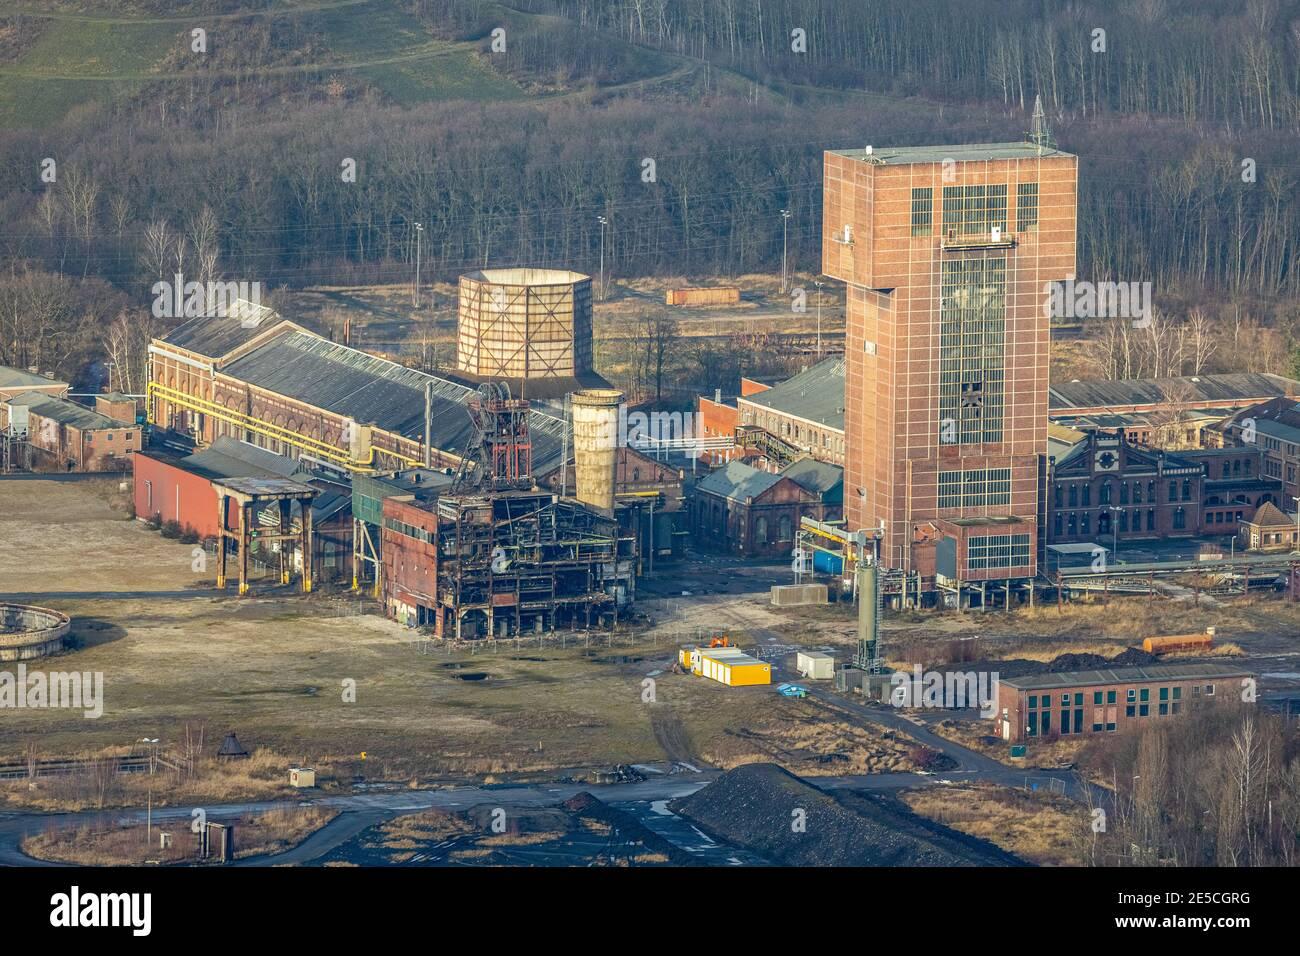 Luftbild mit Hammerkopfturm im Bergwerk Ost Zeche Heinrich Robert, CreativRevier in Wiescherhöfen, Hamm, Ruhrgebiet, Nordrhein-Westfalen, Deutschland, Stock Photo